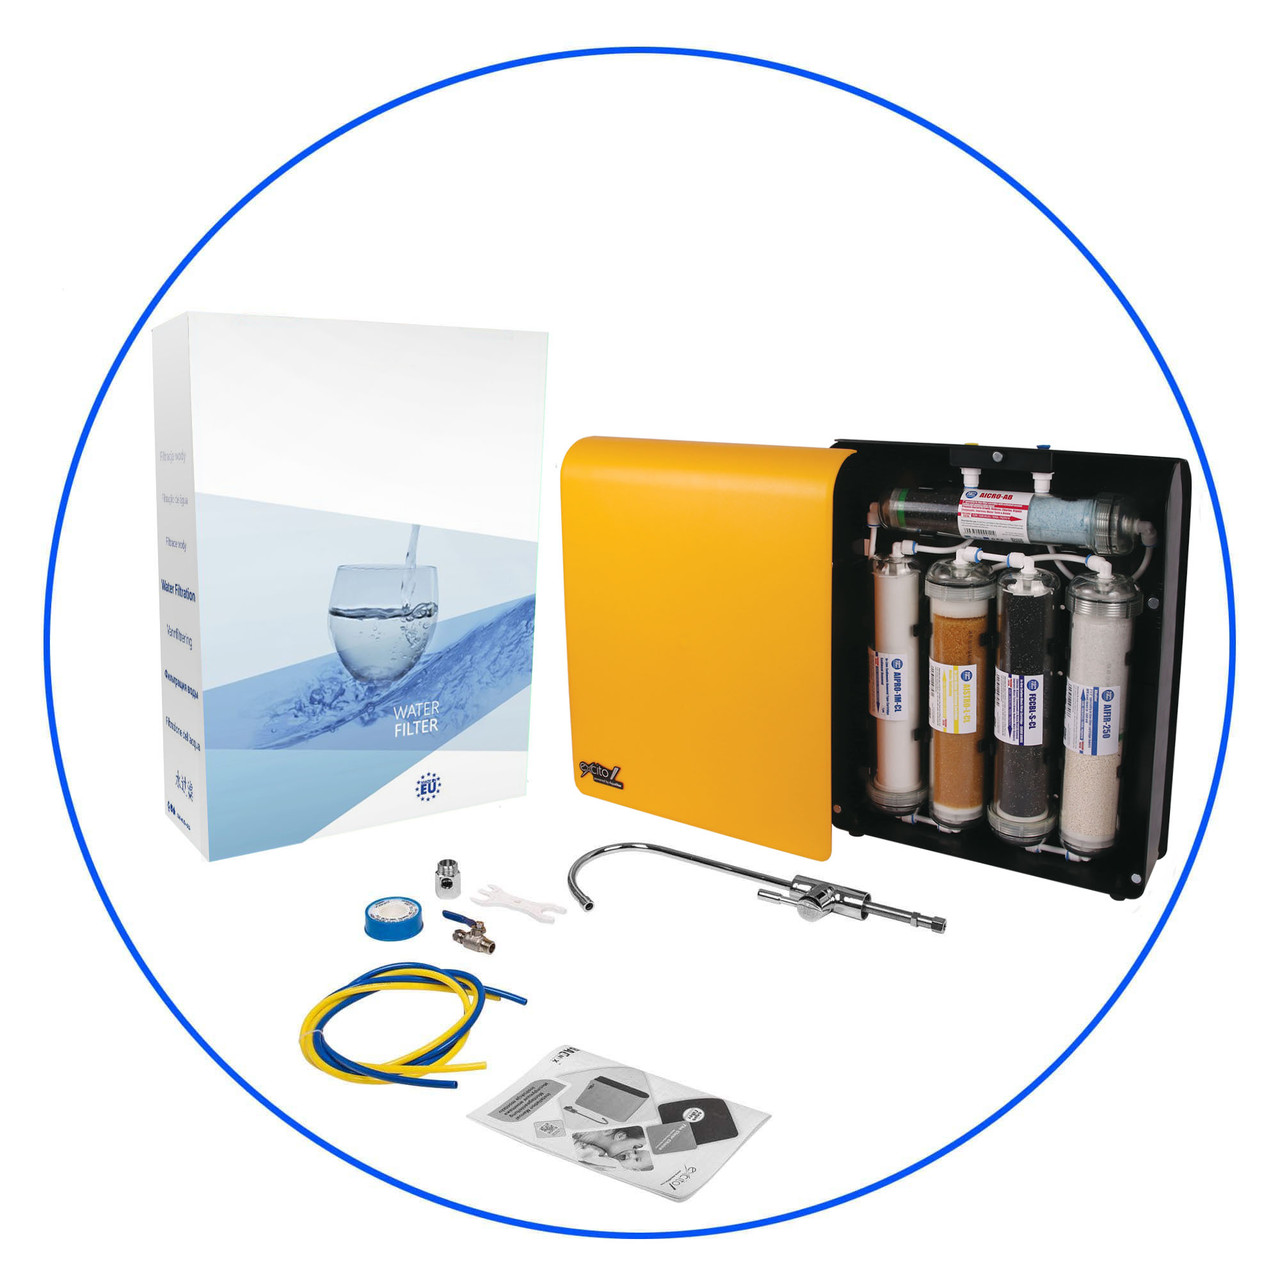 Cистема фильтрации воды Aquafilter EXCITO-CL (2 в 1 алкализер и 5-ти ступенчатая система фильтрации)